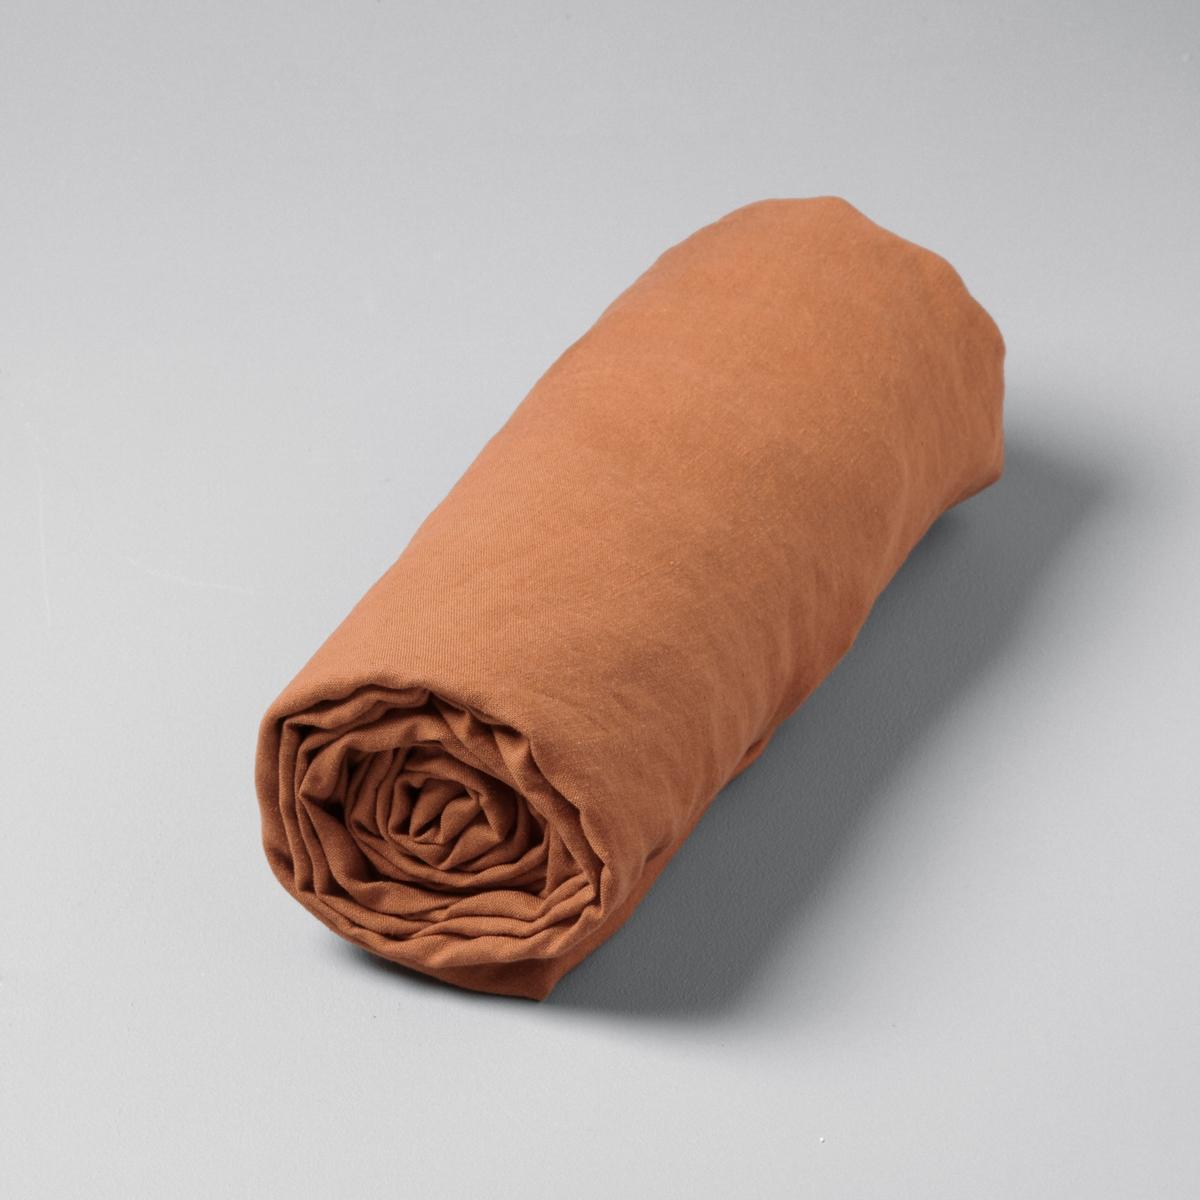 Натяжная простыня Helm из пенькиПенька - натуральный и экологичный материал обладает антибактериальными и противоаллергическими свойствами. Благодаря хорошей впитывающей способности, она позволяет поддерживать температурудля сохранения ощущения легкости и комфорта. Не требует глажения, с течением времени становится еще эстетичнее.Материал :- 100% пенька.Уход :- Машинная стирка при 40°.Размеры  :- Клапан 25 см.<br><br>Цвет: бледный сероватый сине-зеленый,зеленый кедровый,красное дерево,мокко,ореховый,песочный,светло-коричневый,серо-зеленый,синий,хаки темный,черный,экрю